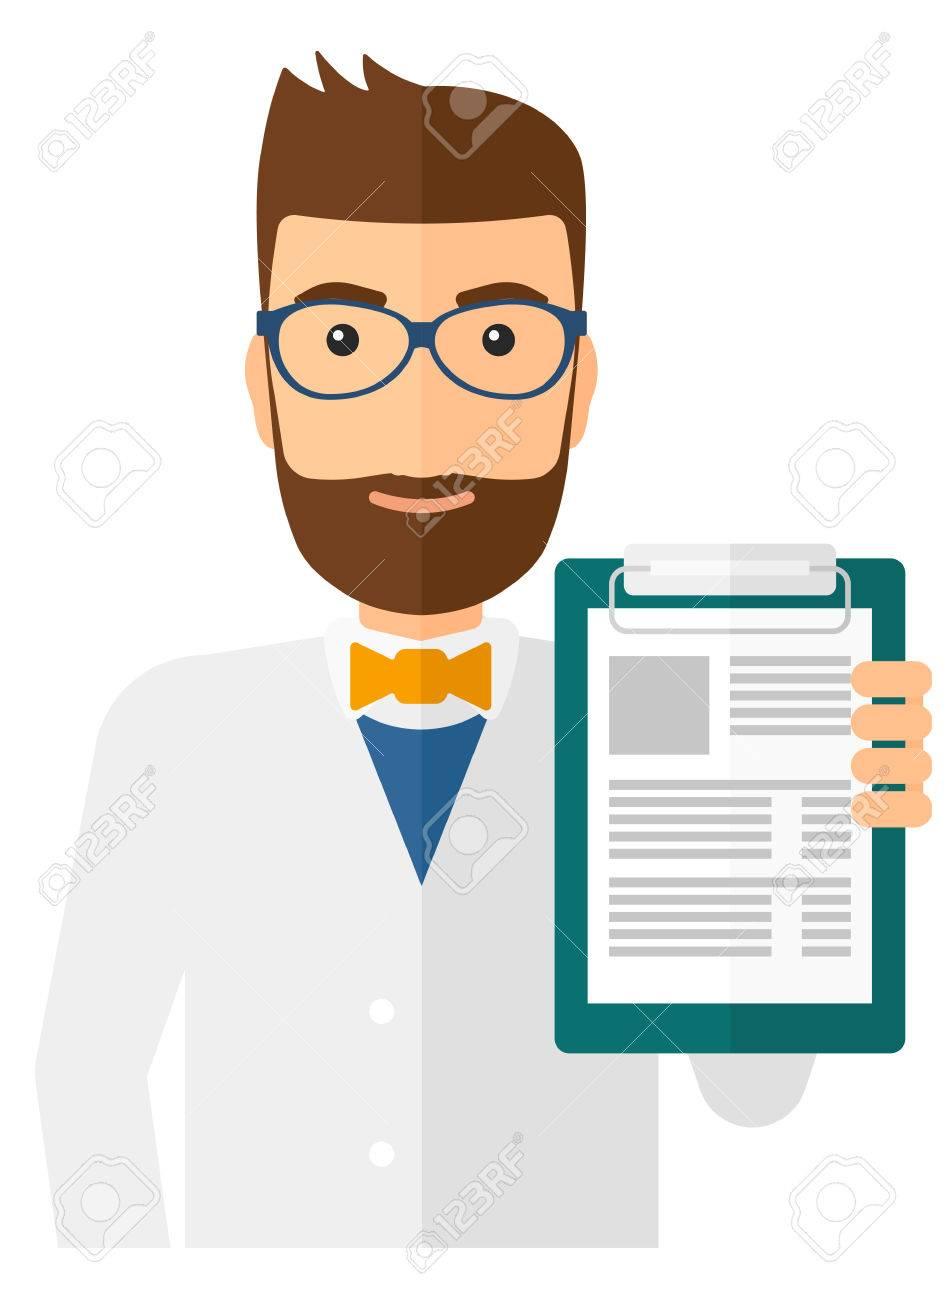 Un médecin tenant vecteur bloc-notes médicale design plat illustration isolé sur fond blanc. Présentation verticale. Banque d'images - 50290958